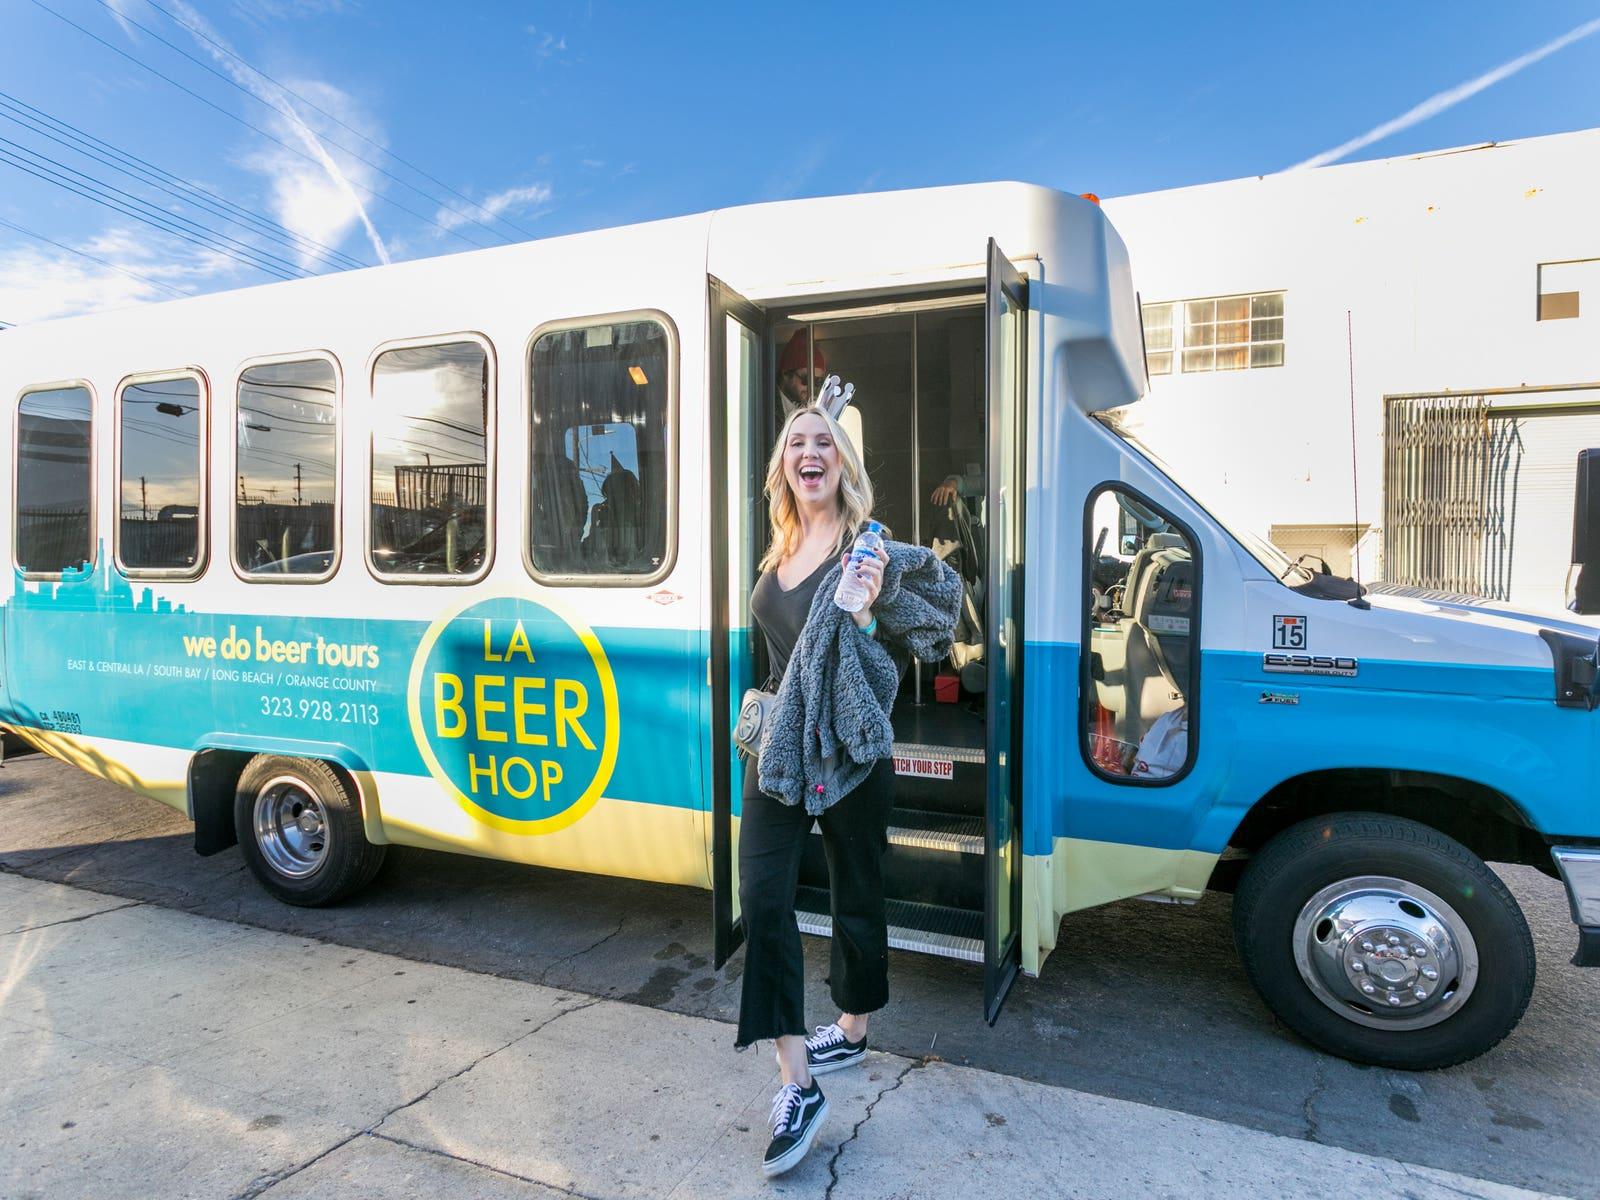 LA Beer Hop bus